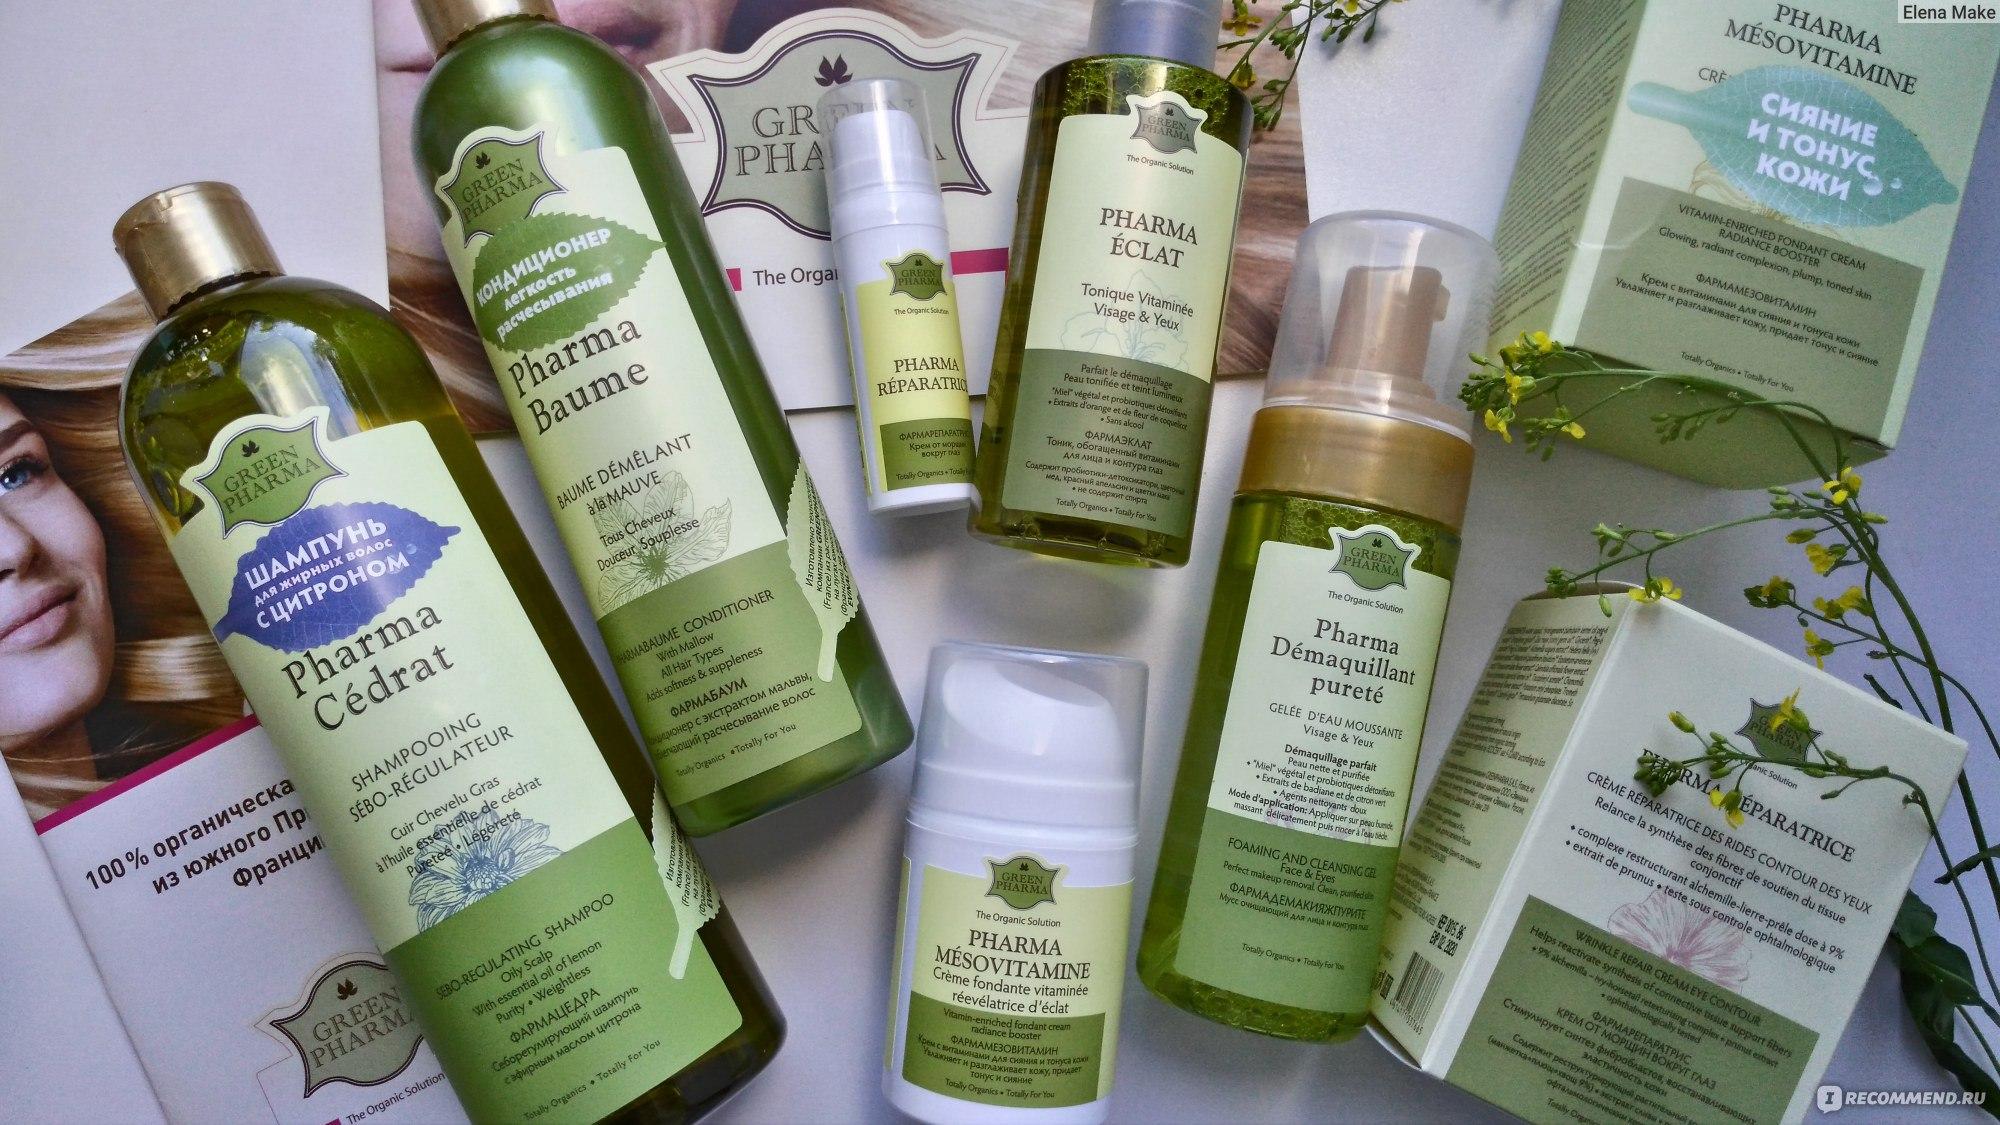 Green pharma косметика